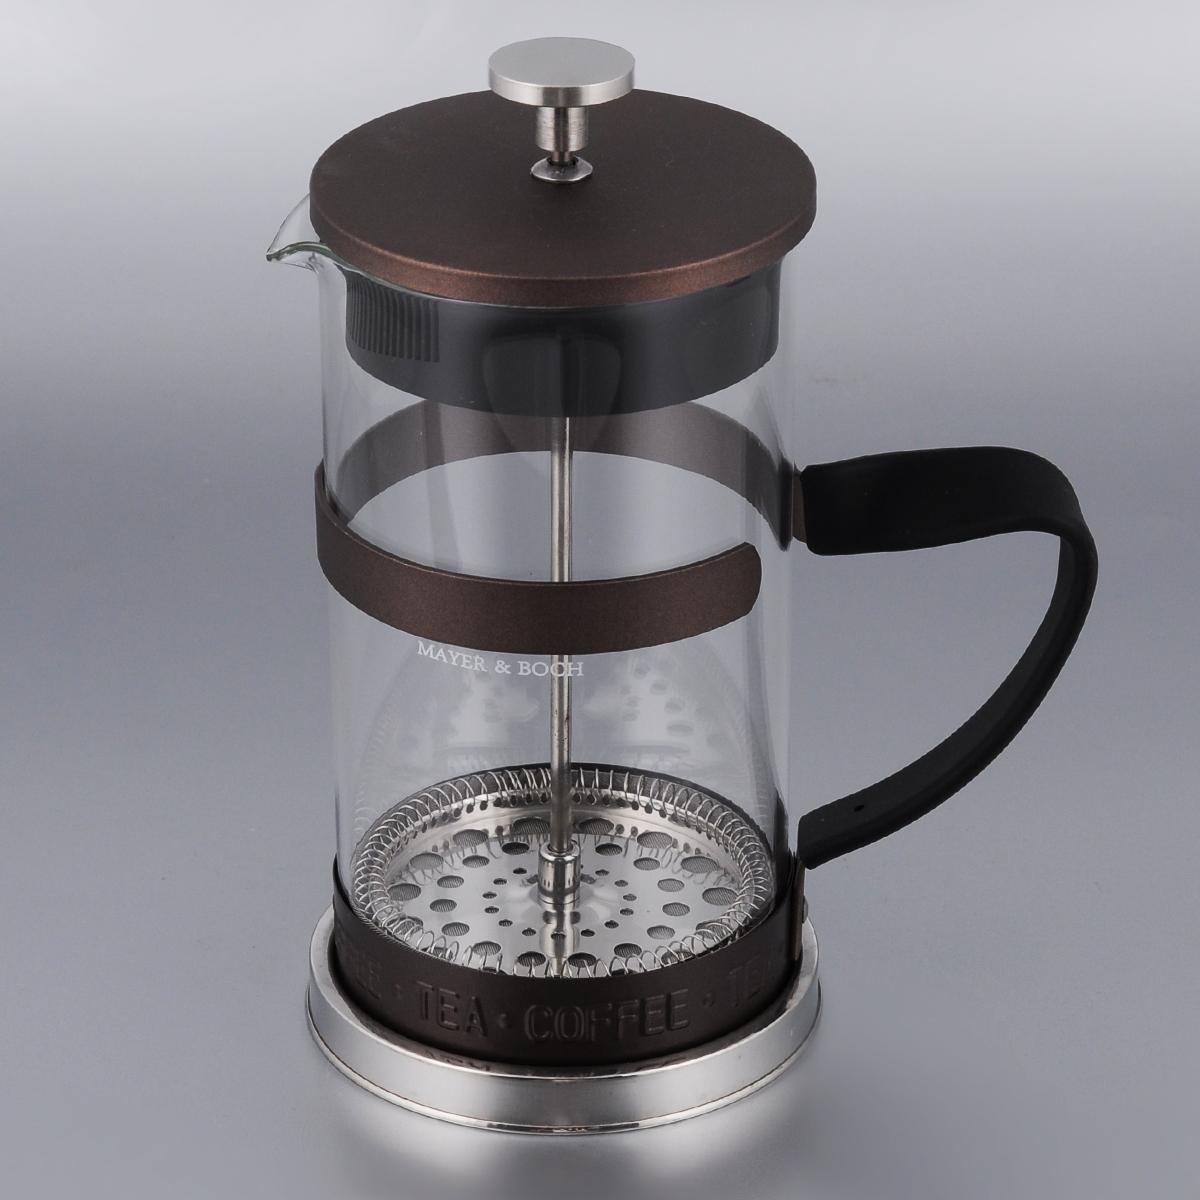 Френч-пресс Mayer & Boch, цвет: прозрачный, коричневый, 1 лVT-1520(SR)Френч-пресс Mayer & Boch изготовлен из высококачественной нержавеющей стали и жаропрочного стекла. Фильтр-поршень оснащен ситечком для обеспечения равномерной циркуляции воды. Засыпая чайную заварку или кофе под фильтр, заливая горячей водой, вы получаете ароматный напиток с оптимальной крепостью и насыщенностью. Остановить процесс заваривания легко, для этого нужно просто опустить поршень, и все уйдет вниз, оставляя вверху напиток, готовый к употреблению. Изделие оснащено эргономичной прорезиненной ручкой, она обеспечит безопасный и удобный хват. Такой френч-пресс позволит быстро и просто приготовить свежий и ароматный кофе или чай. Можно мыть в посудомоечной машине.Не использовать в микроволновой печи.Диаметр колбы (по верхнему краю): 9,5 см. Высота френч-пресса (без учета крышки): 18,5 см.Высота френч-пресса (с учетом крышки): 21,5 см. Объем френч-пресса: 1 л.